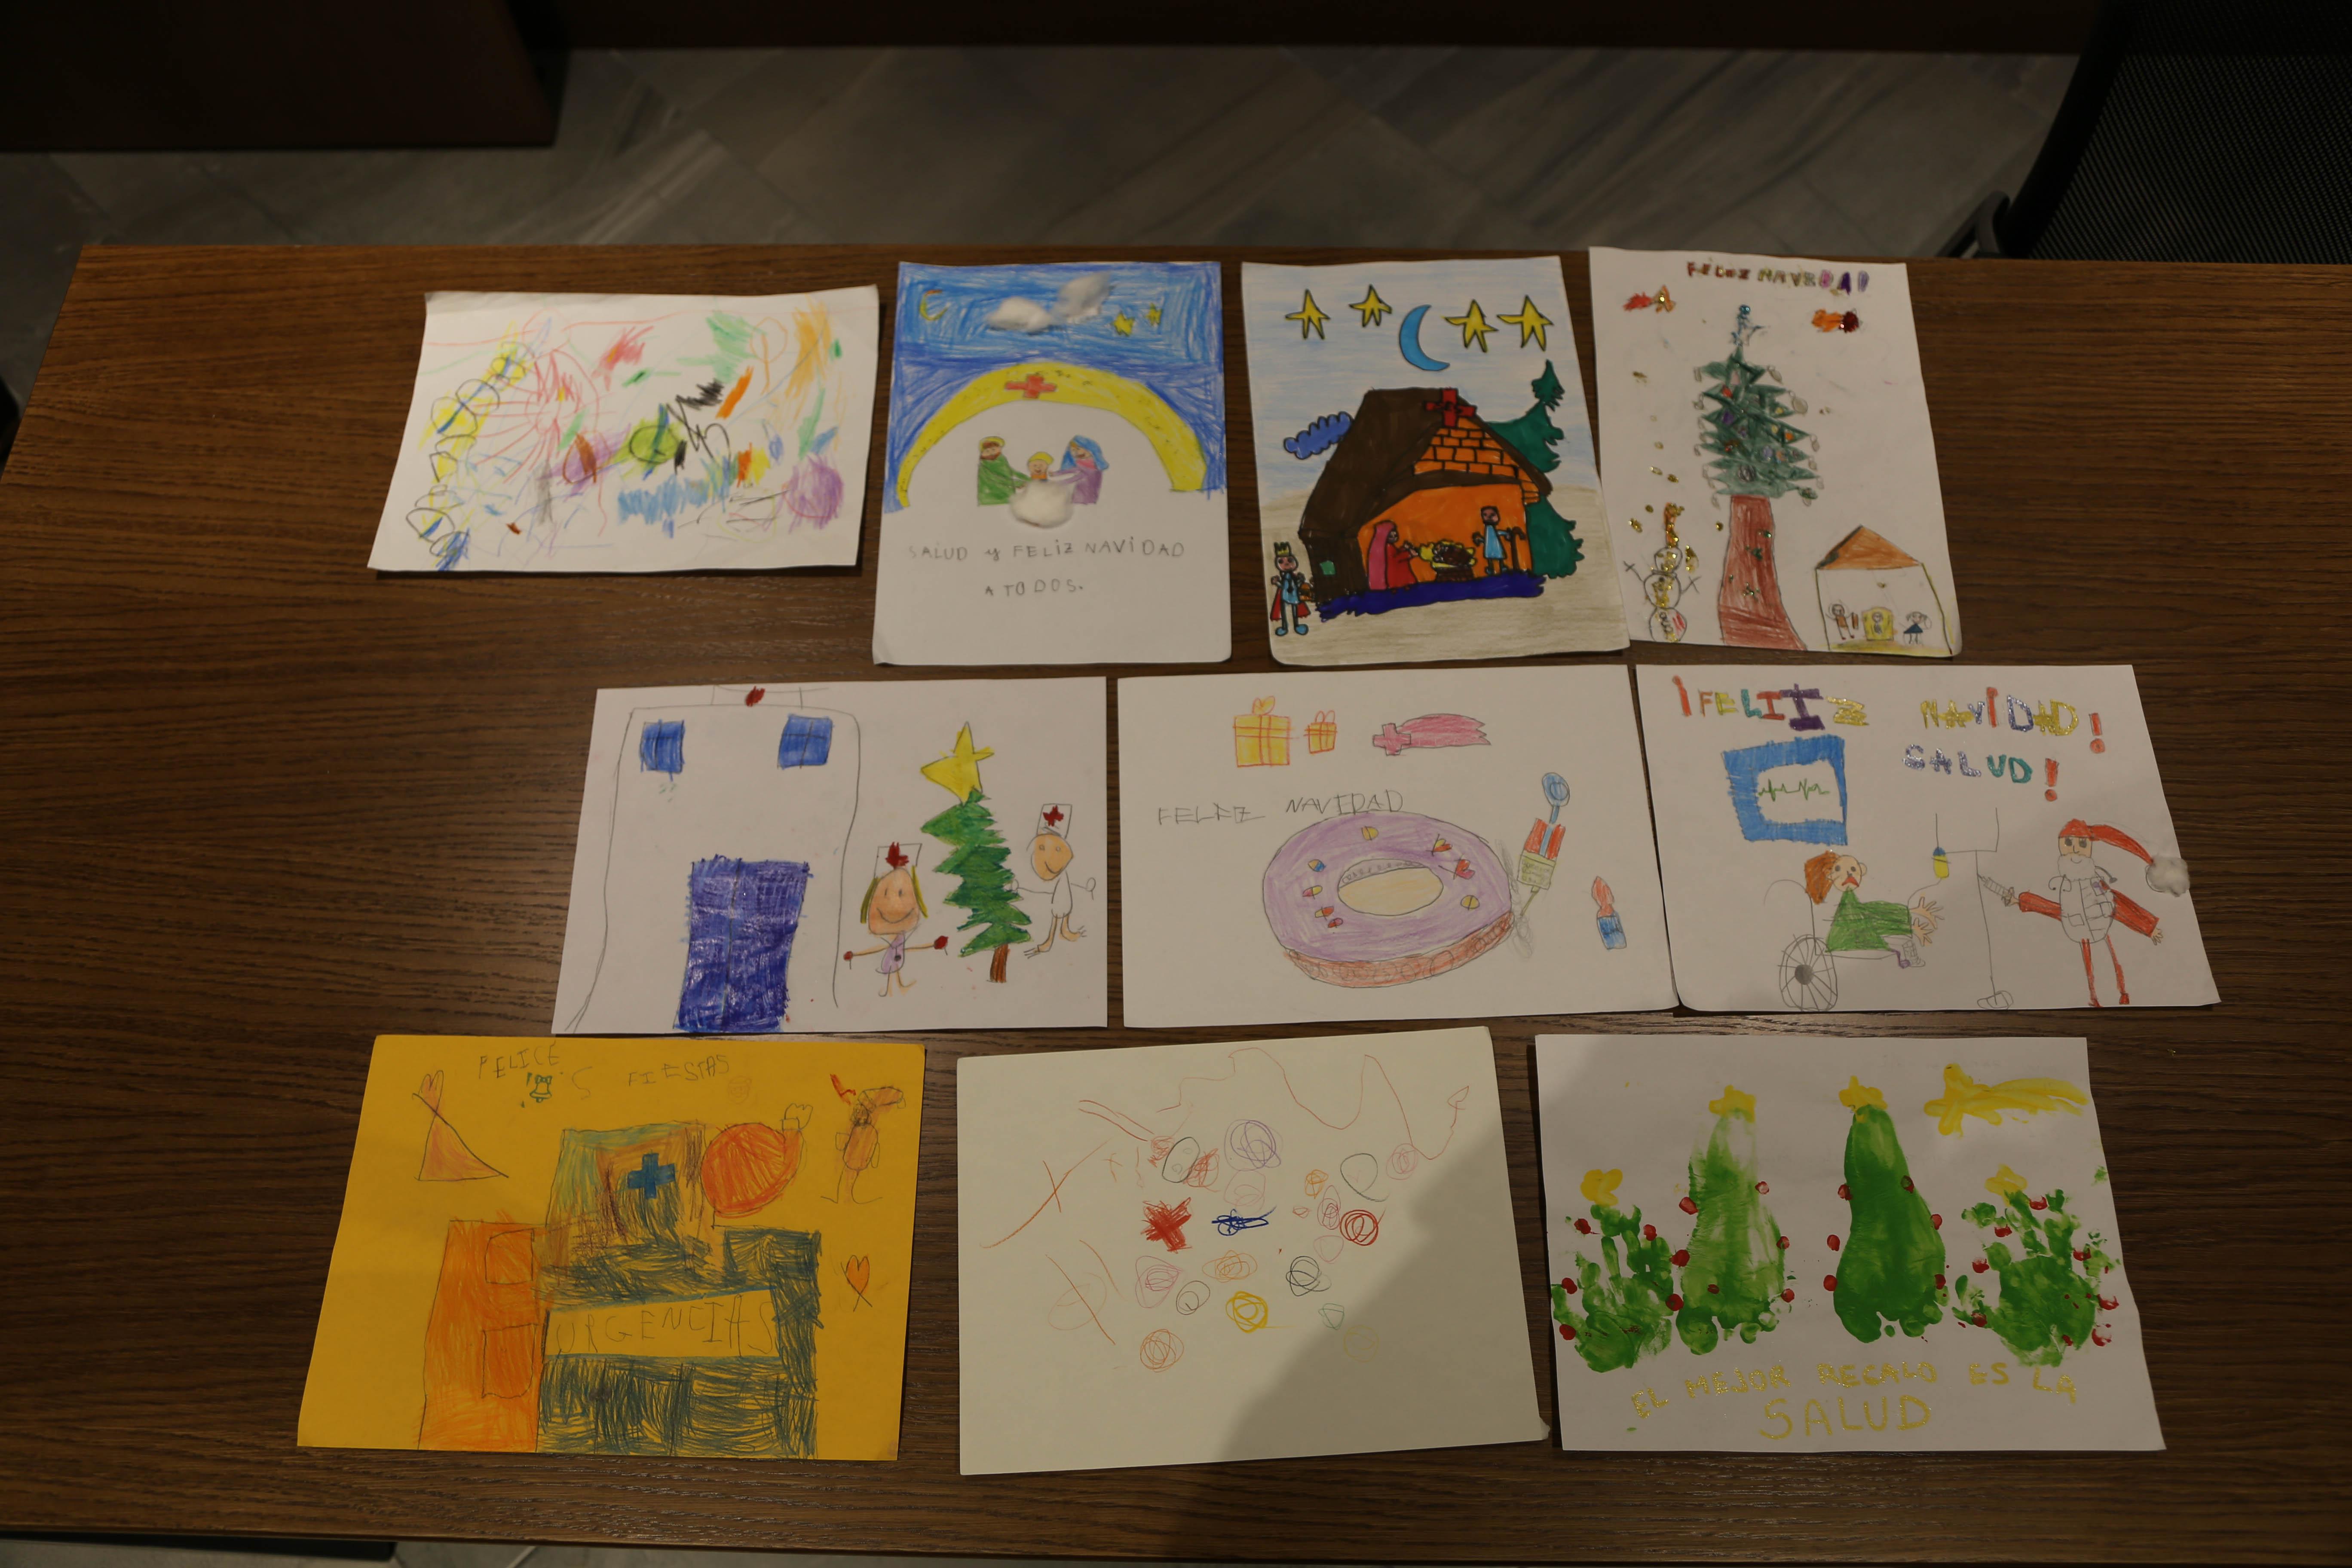 exposición dibujos Navidad 2018- Plasencia 1